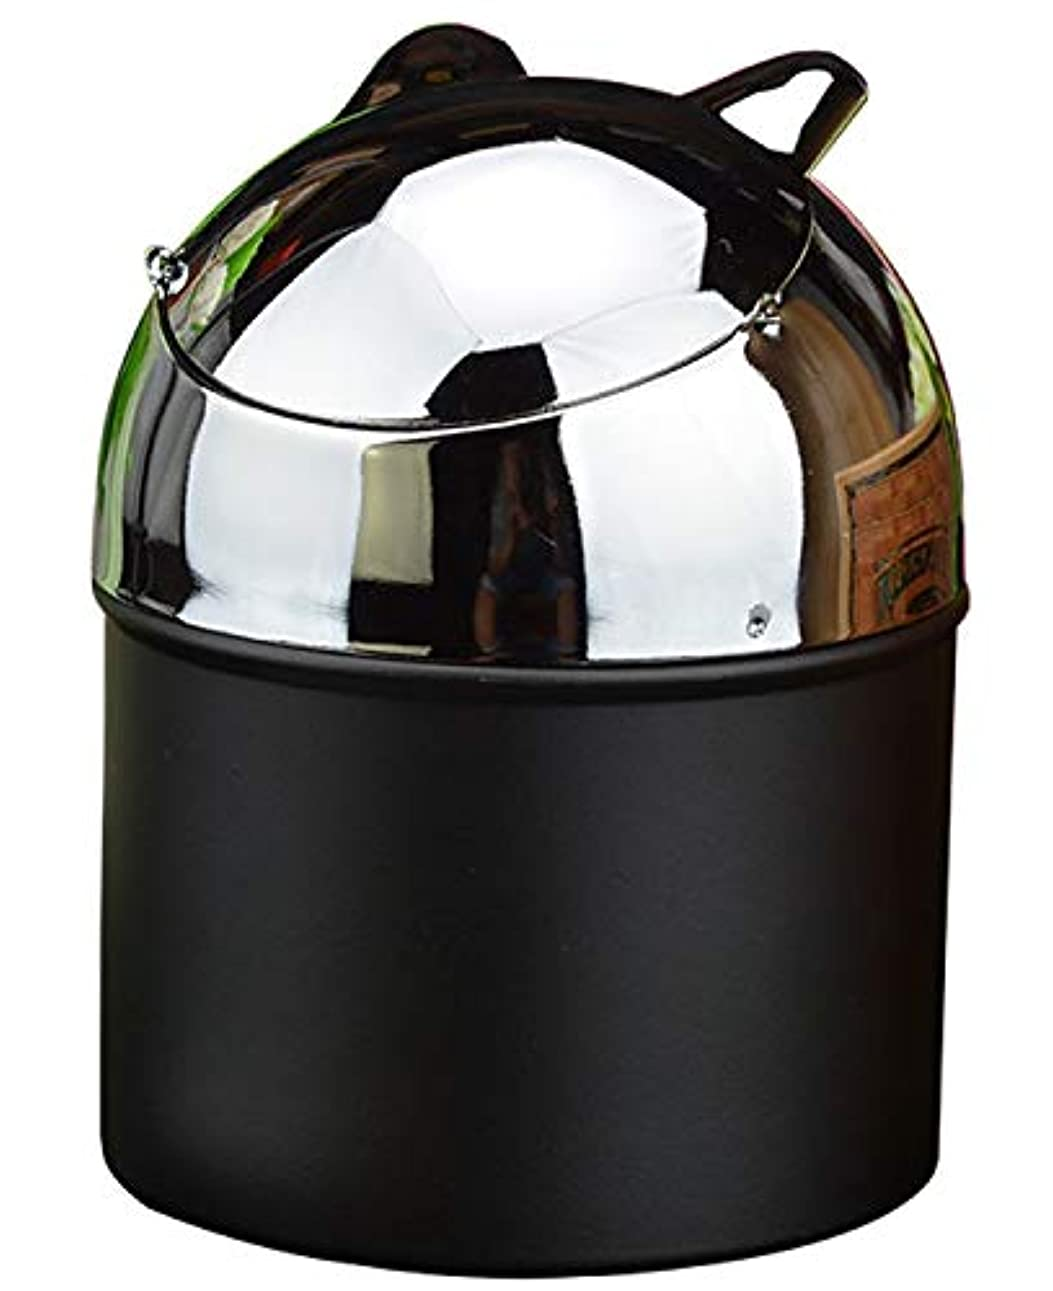 強いレスリングパテ蓋付きのタバコの灰皿、屋外屋内ホームオフィスの使用のための金属隠し灰皿(黒)